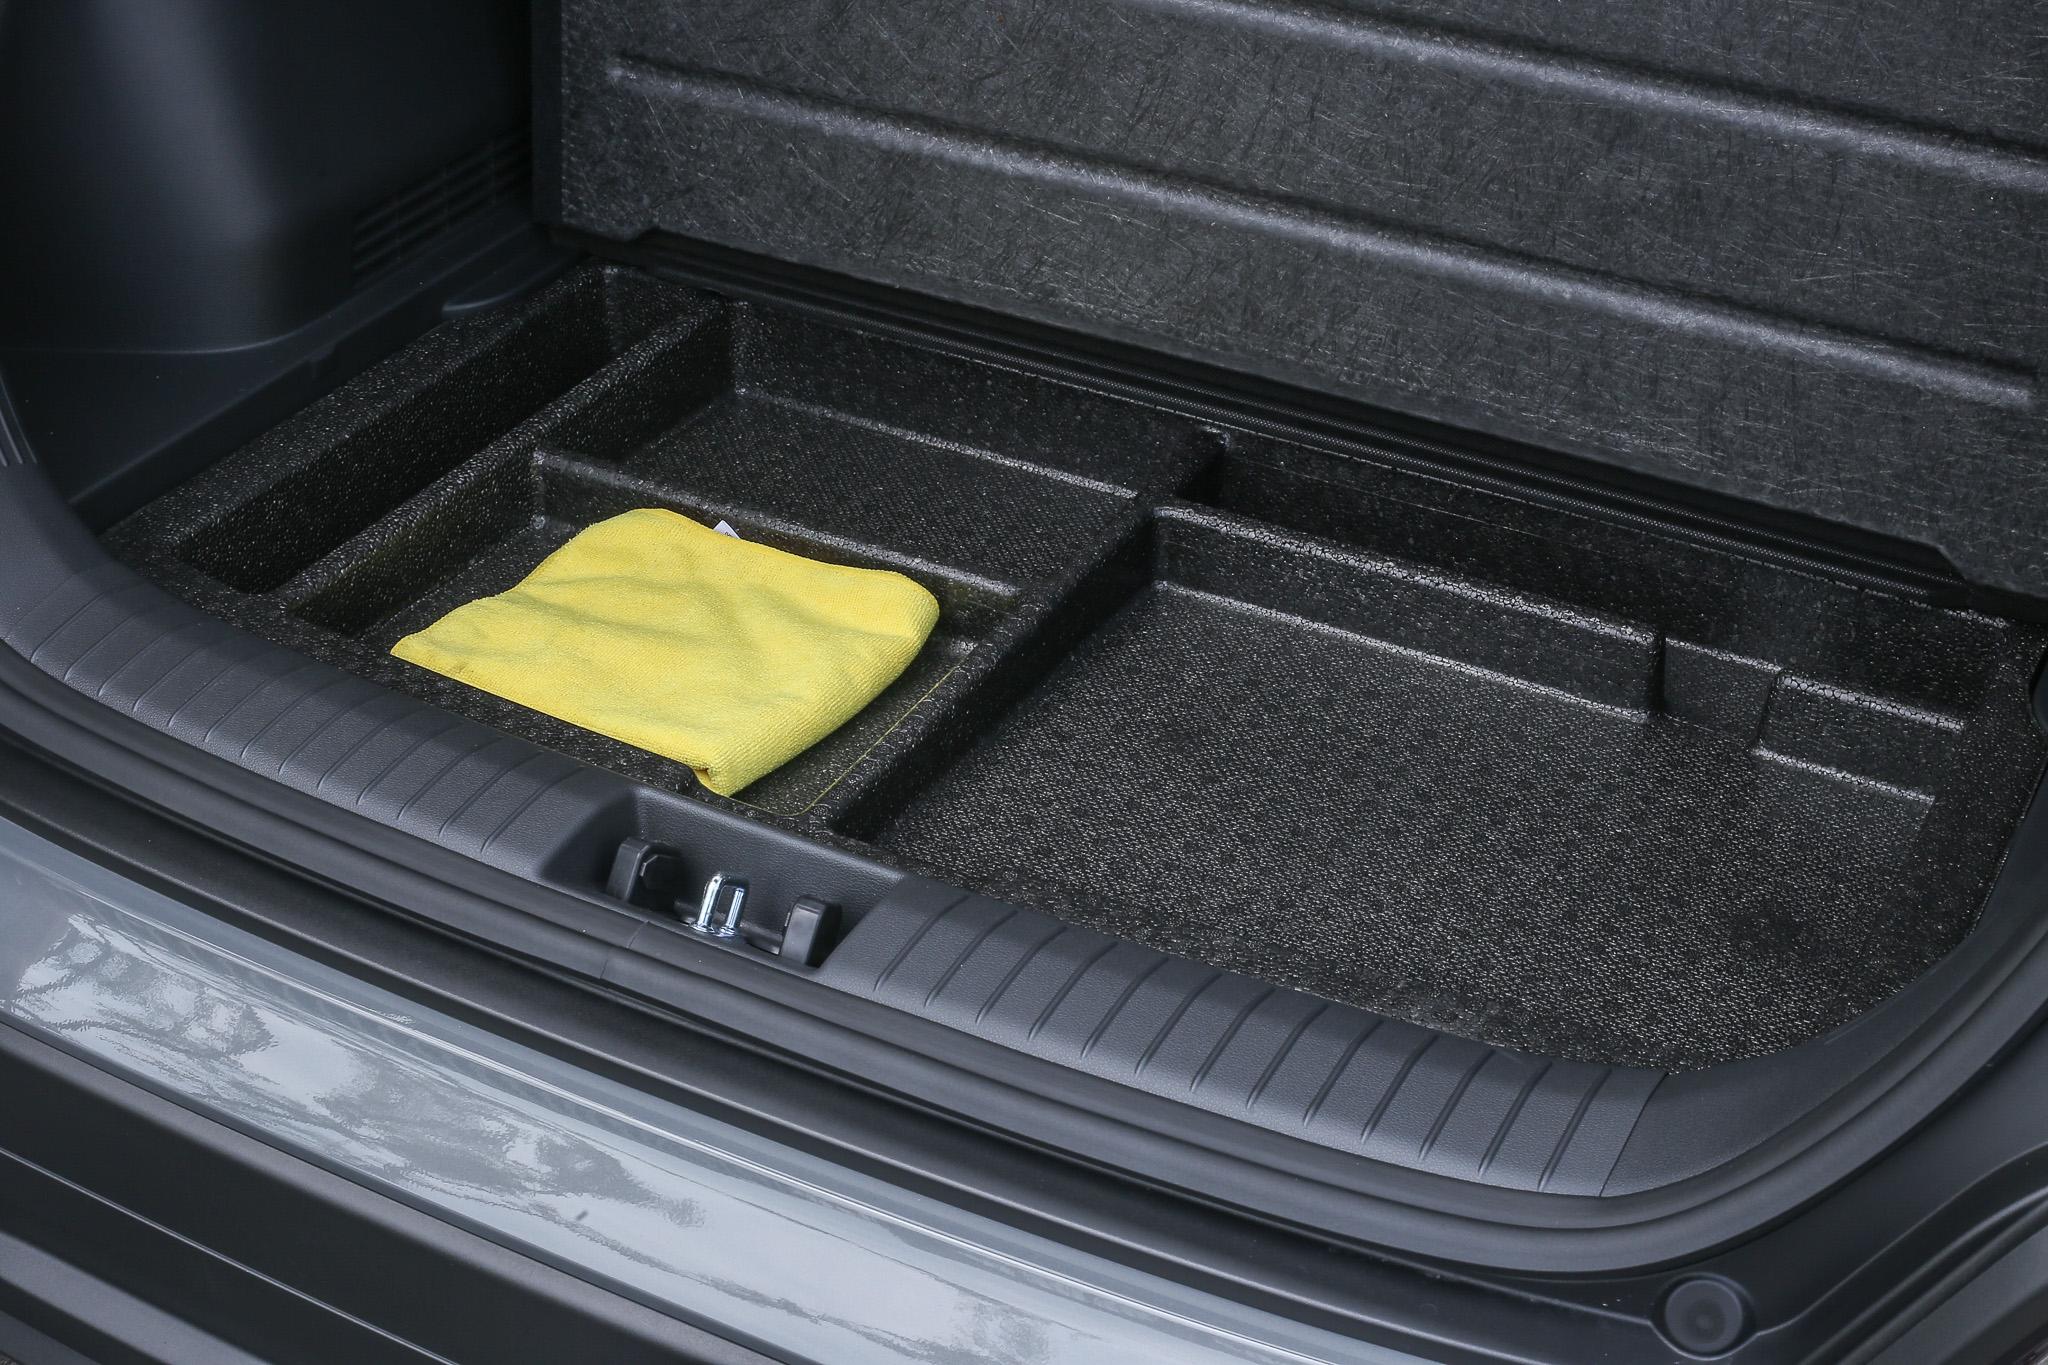 行李廂下方有額外的置物盒空間。